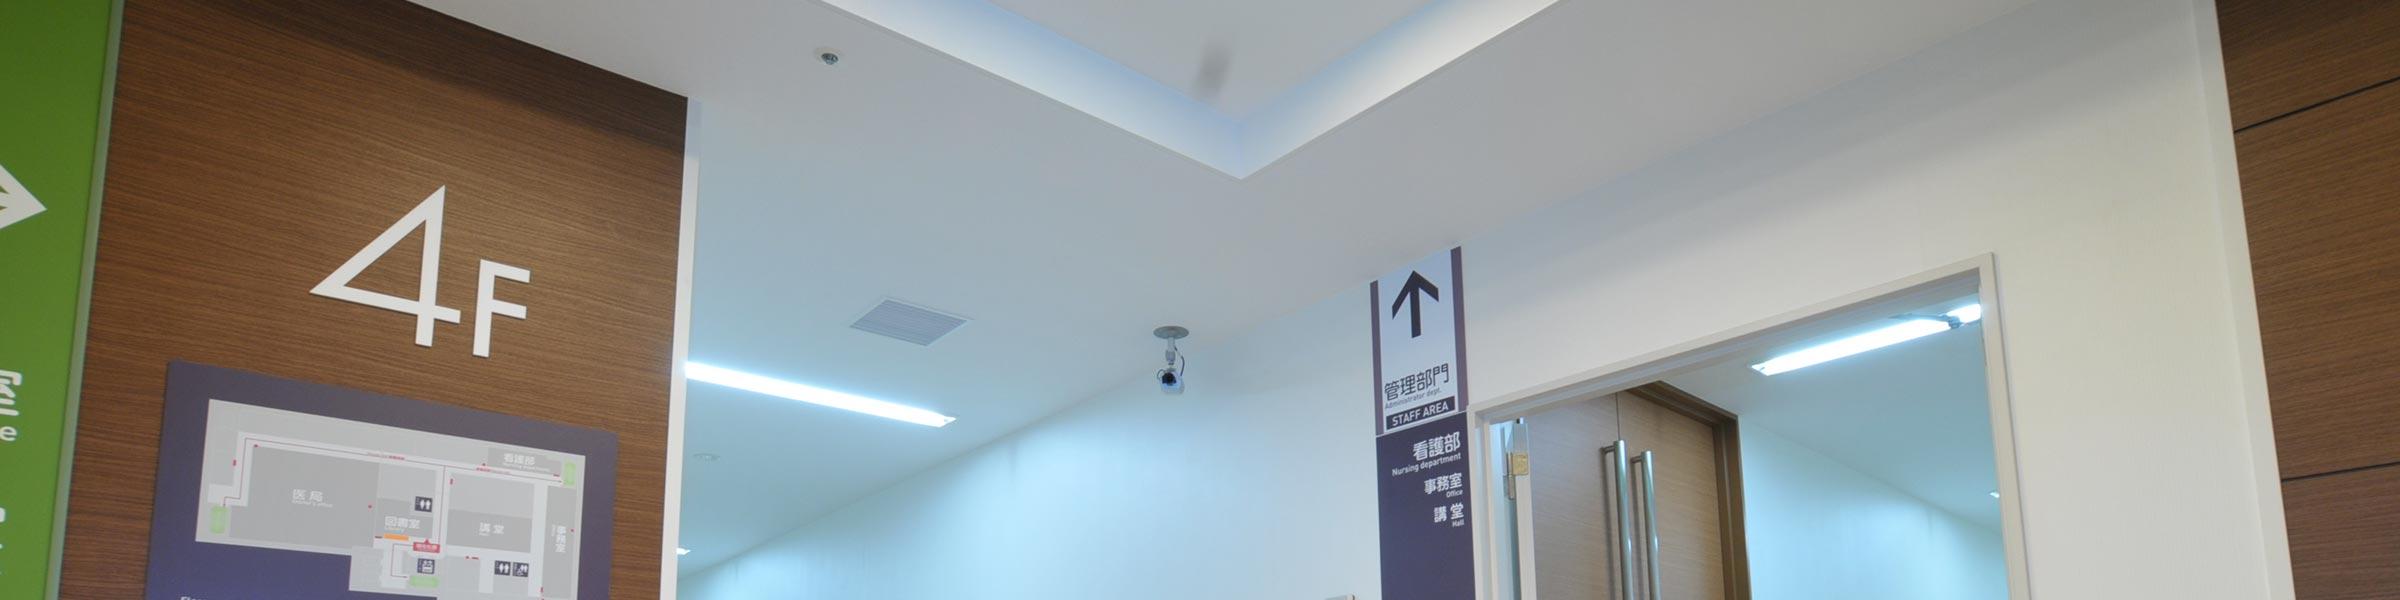 4階(医局・看護部門)